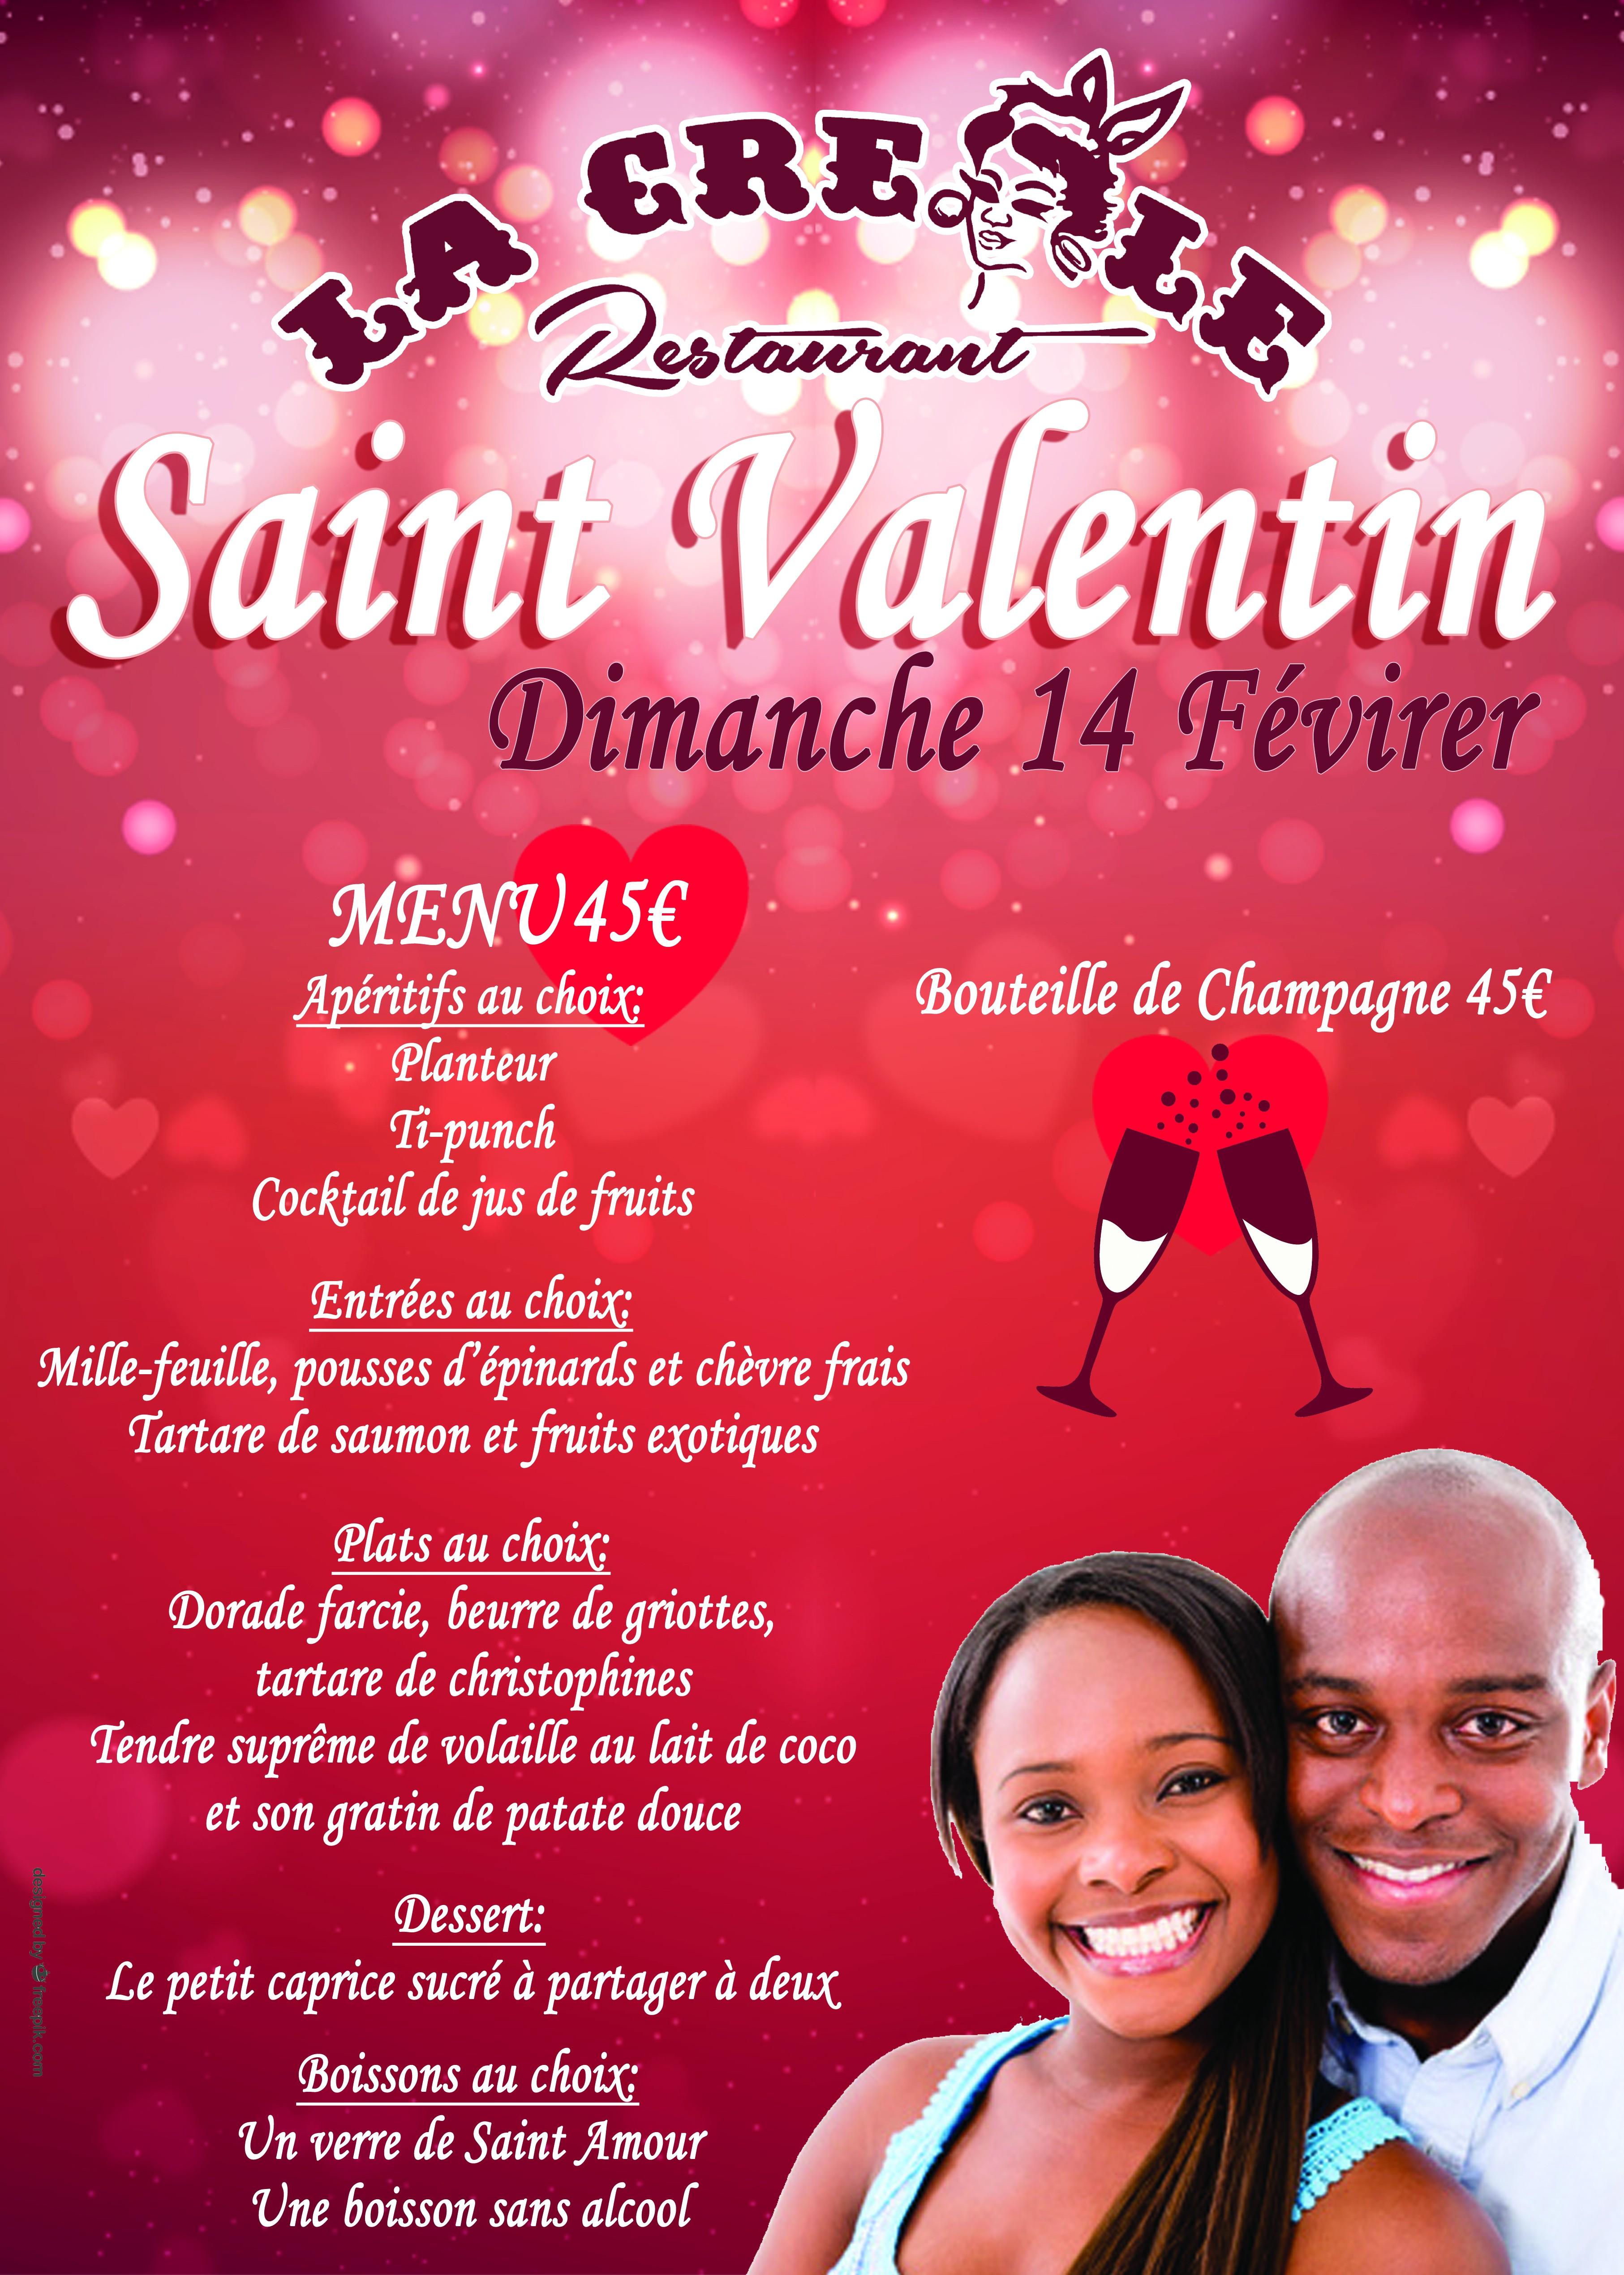 SOIRÉE SAINT VALENTIN AU RESTAURANT LA CRÉOLE PARIS 14